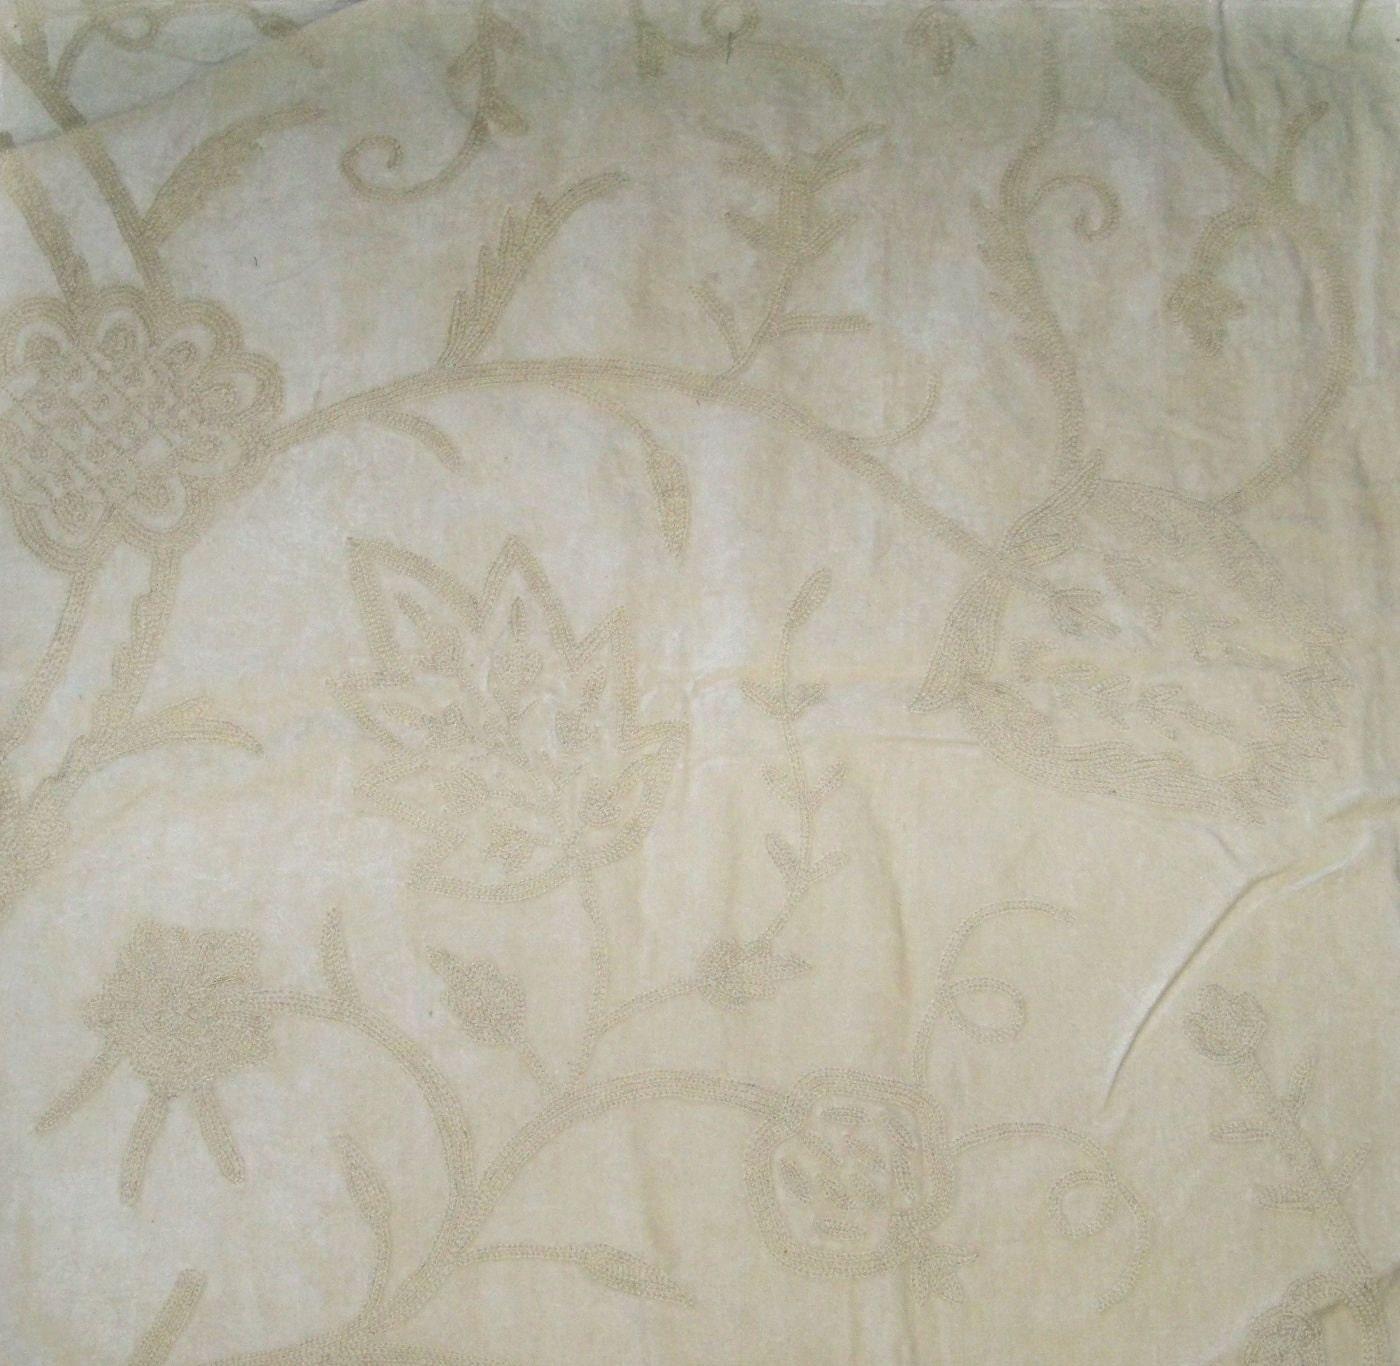 Pasari jakara jacobean wool crewel embroidered velvet fabric